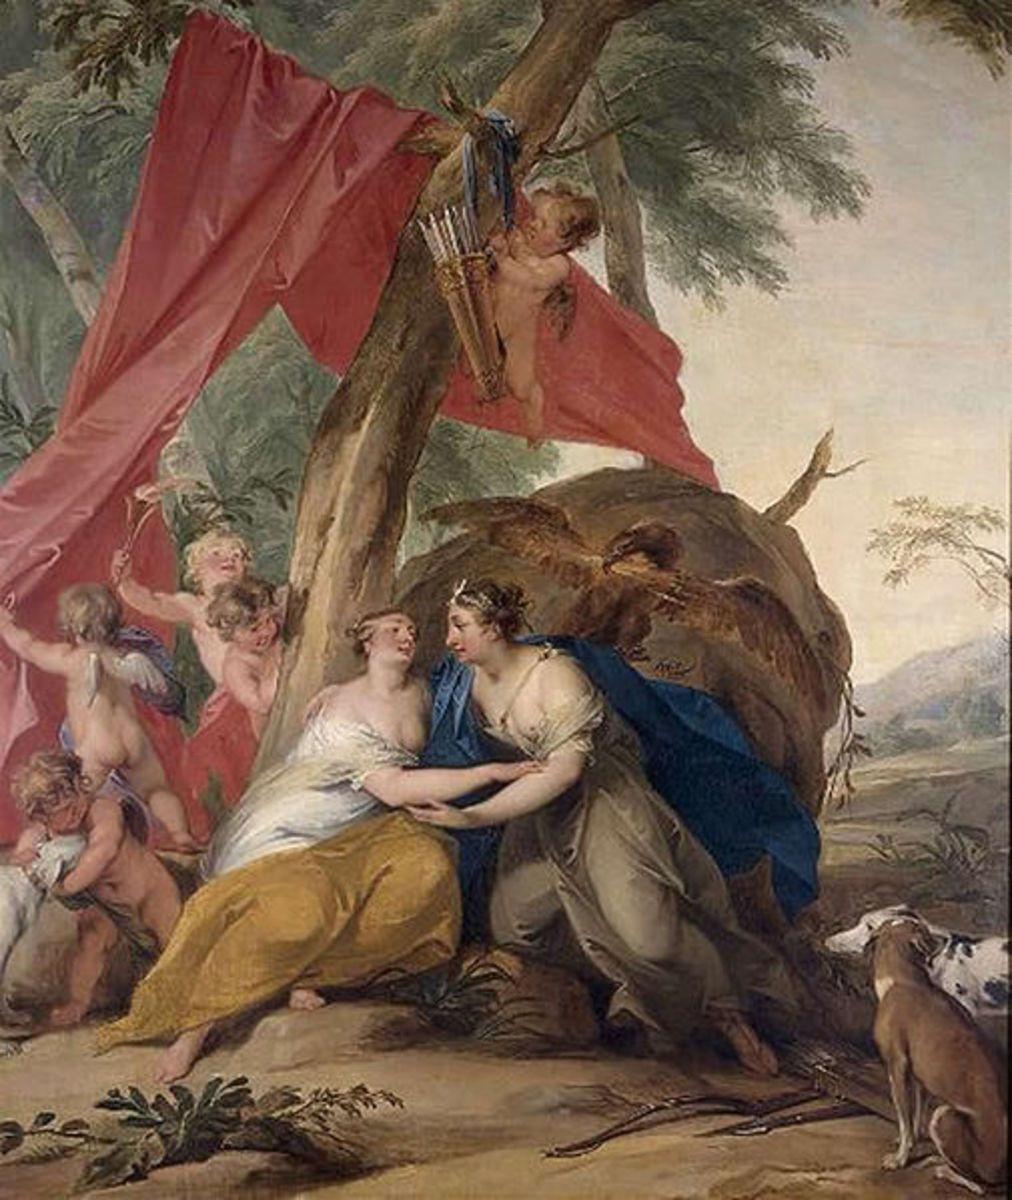 The Seduction of Callisto - Jacob de Wit (1695–1754) - PD-art-100